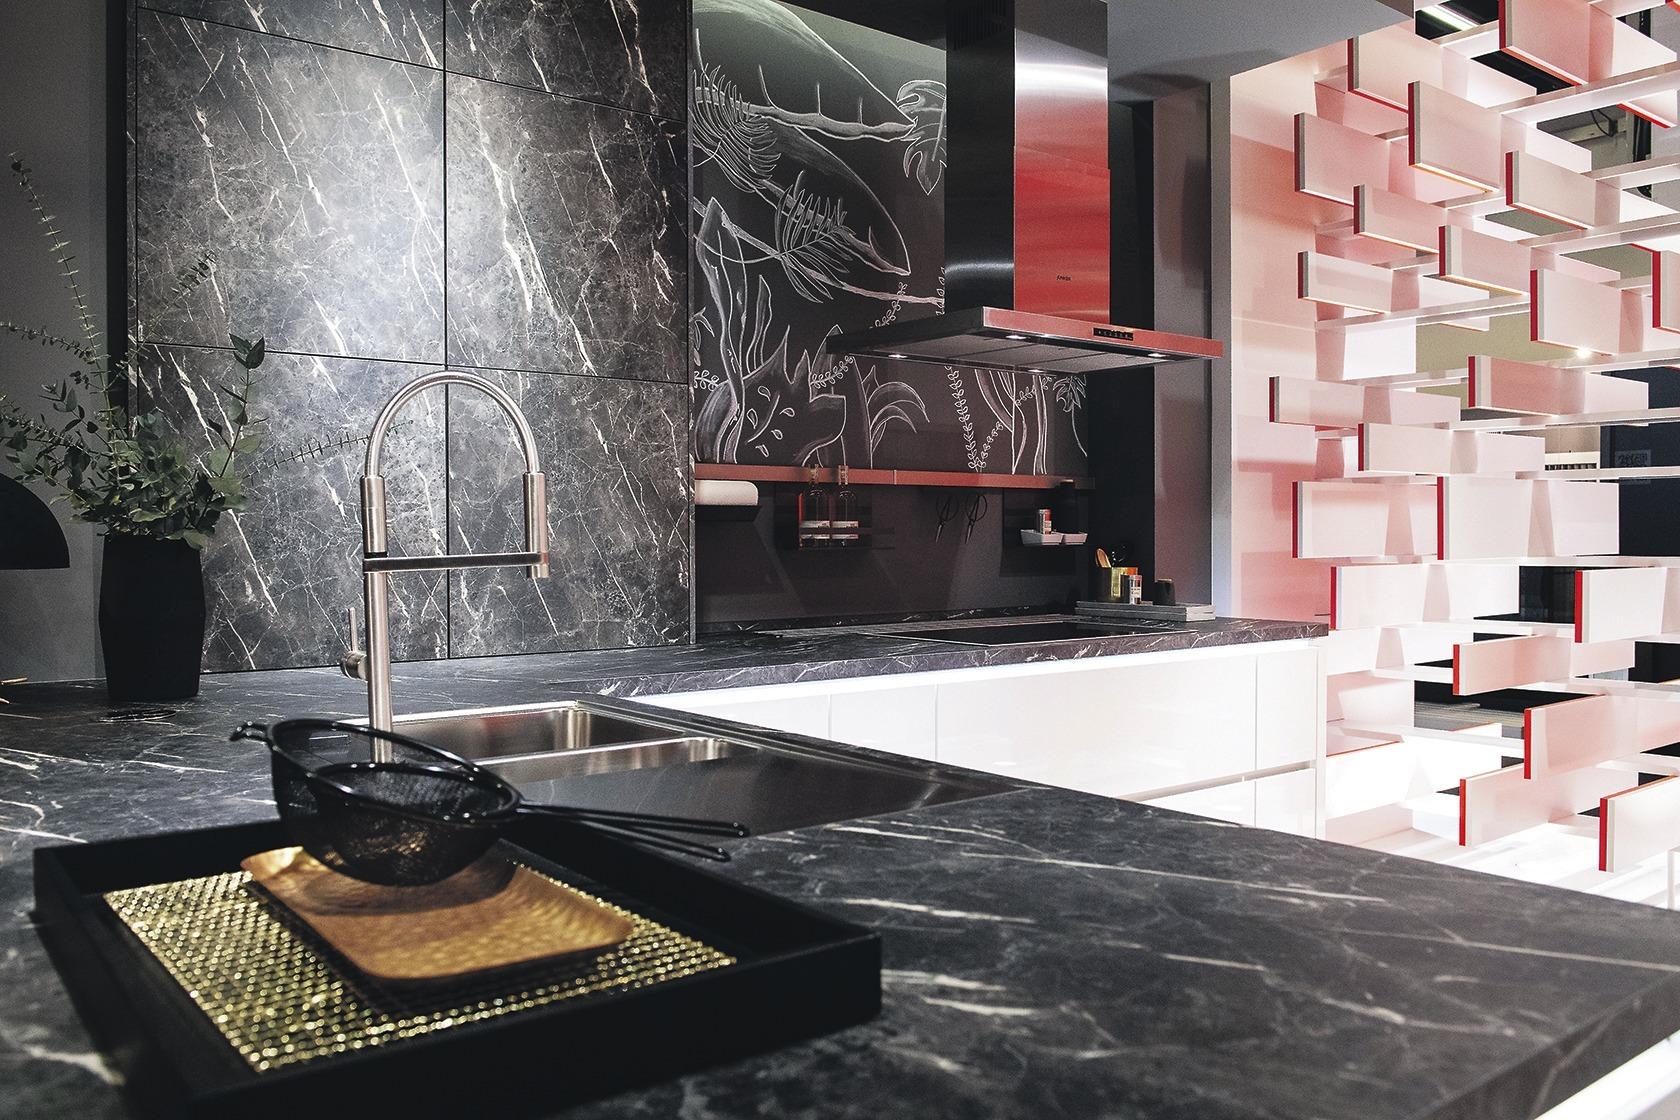 Küche wird zum Wohnzimmer: Das ist der Wohntrend 2019 ...